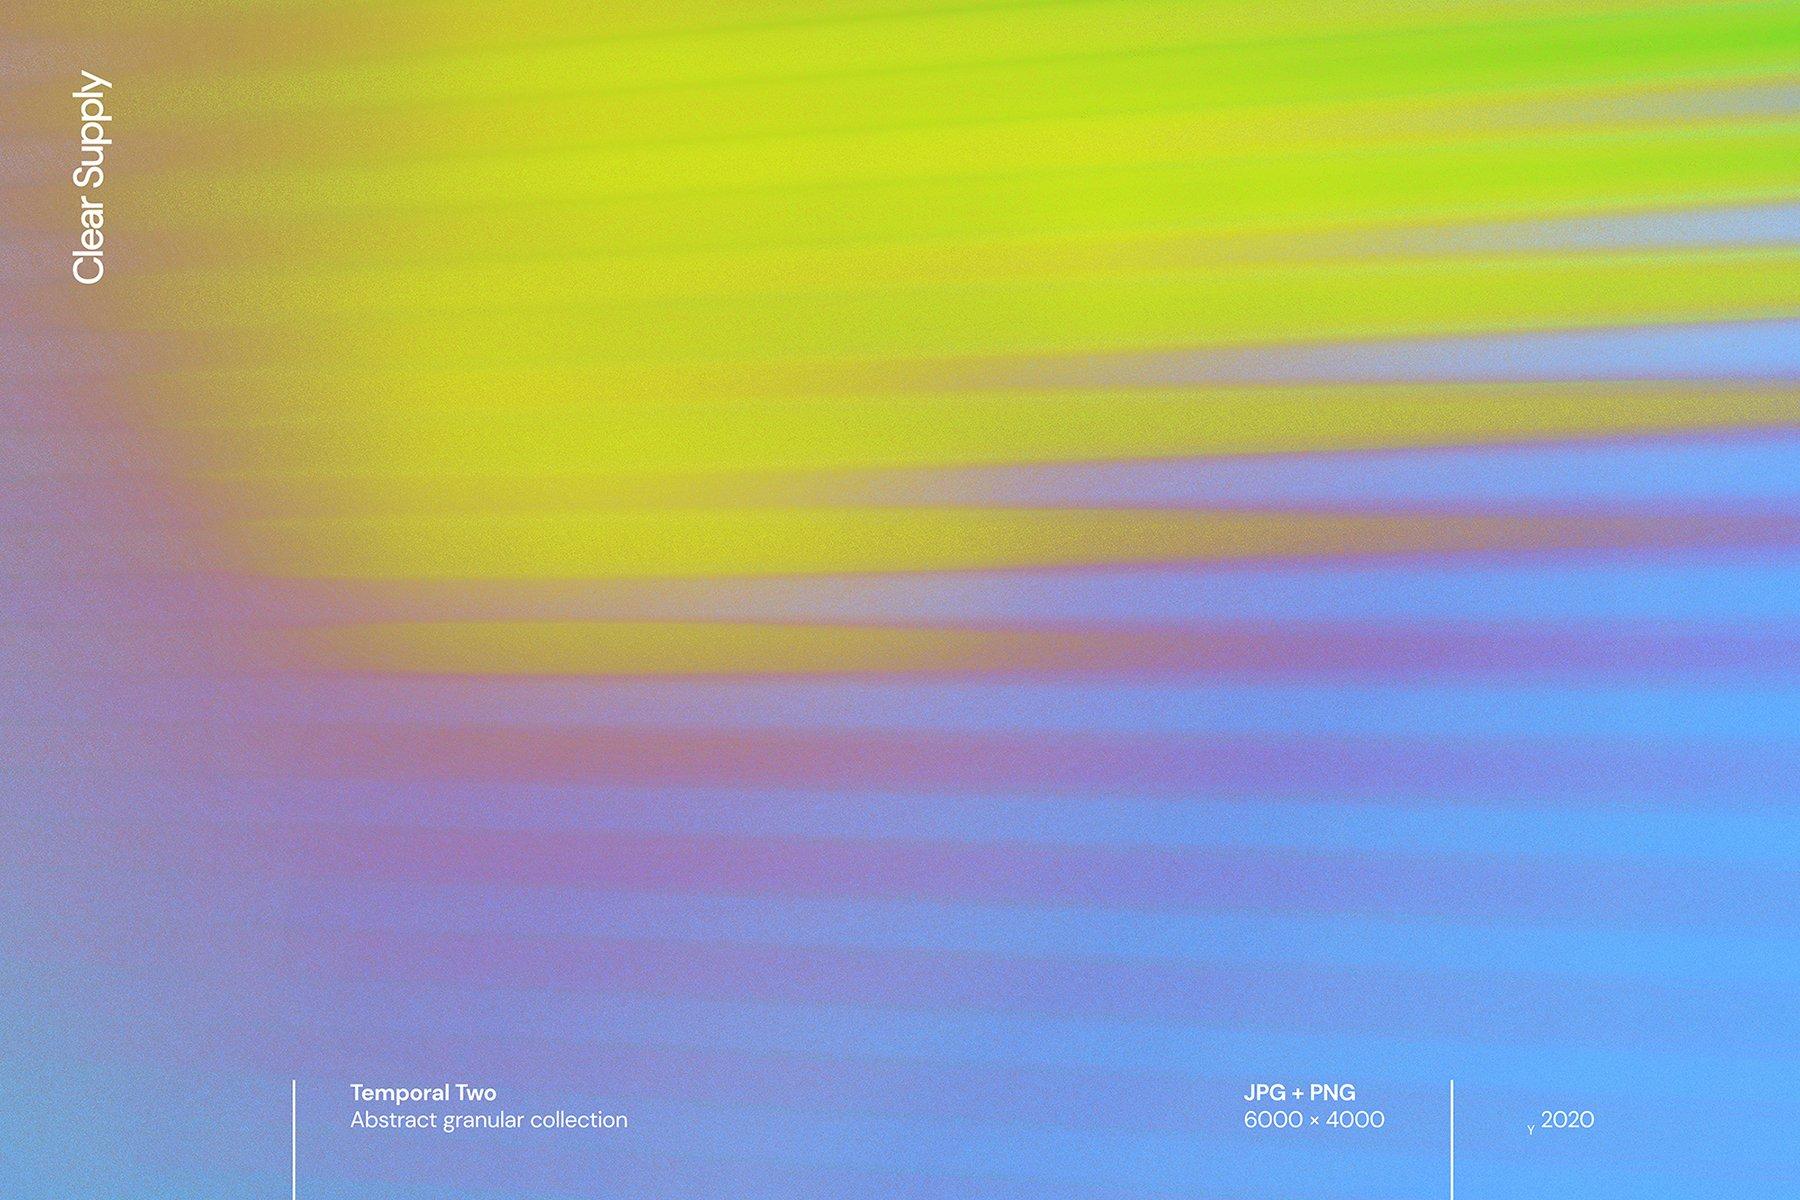 14款高清炫彩抽象艺术动感模糊渐变海报背景图片素材 Clear Supply – Temporal Two插图7